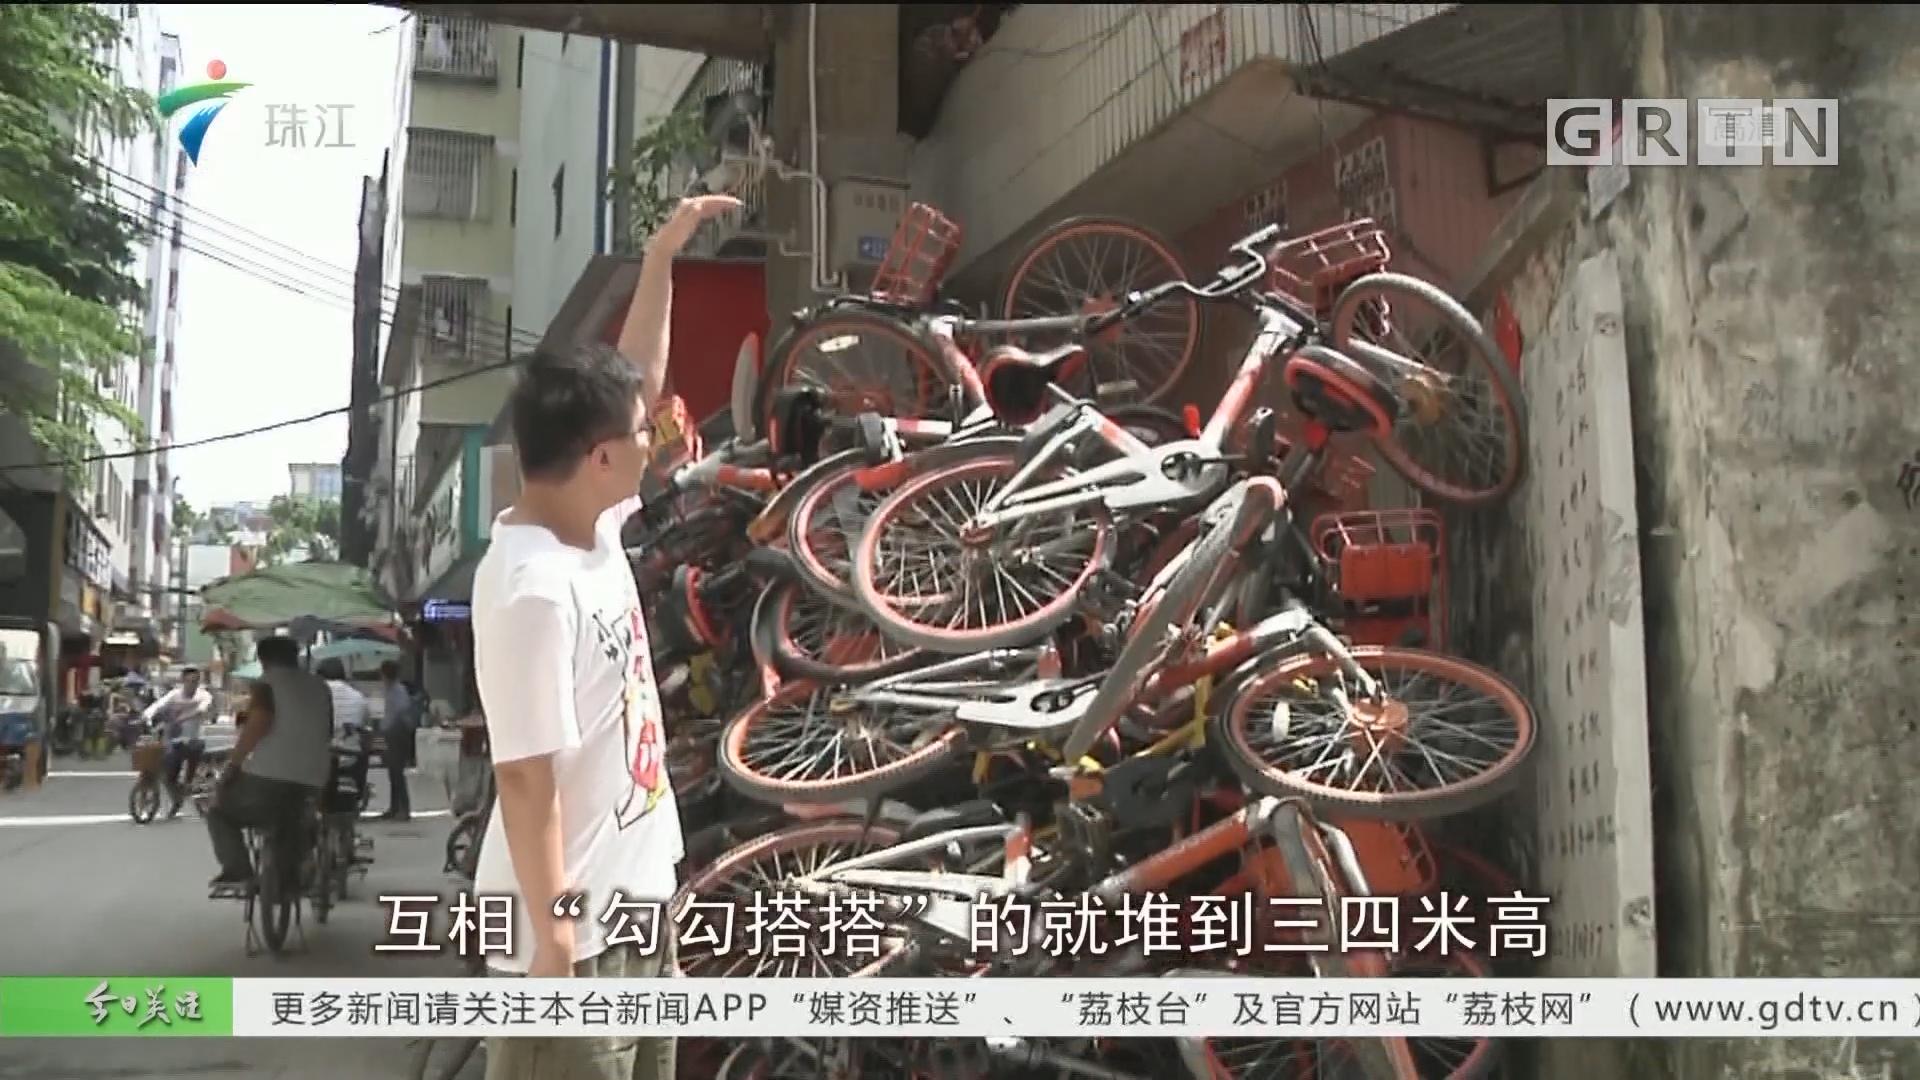 共享单车乱停乱放 何时解决?